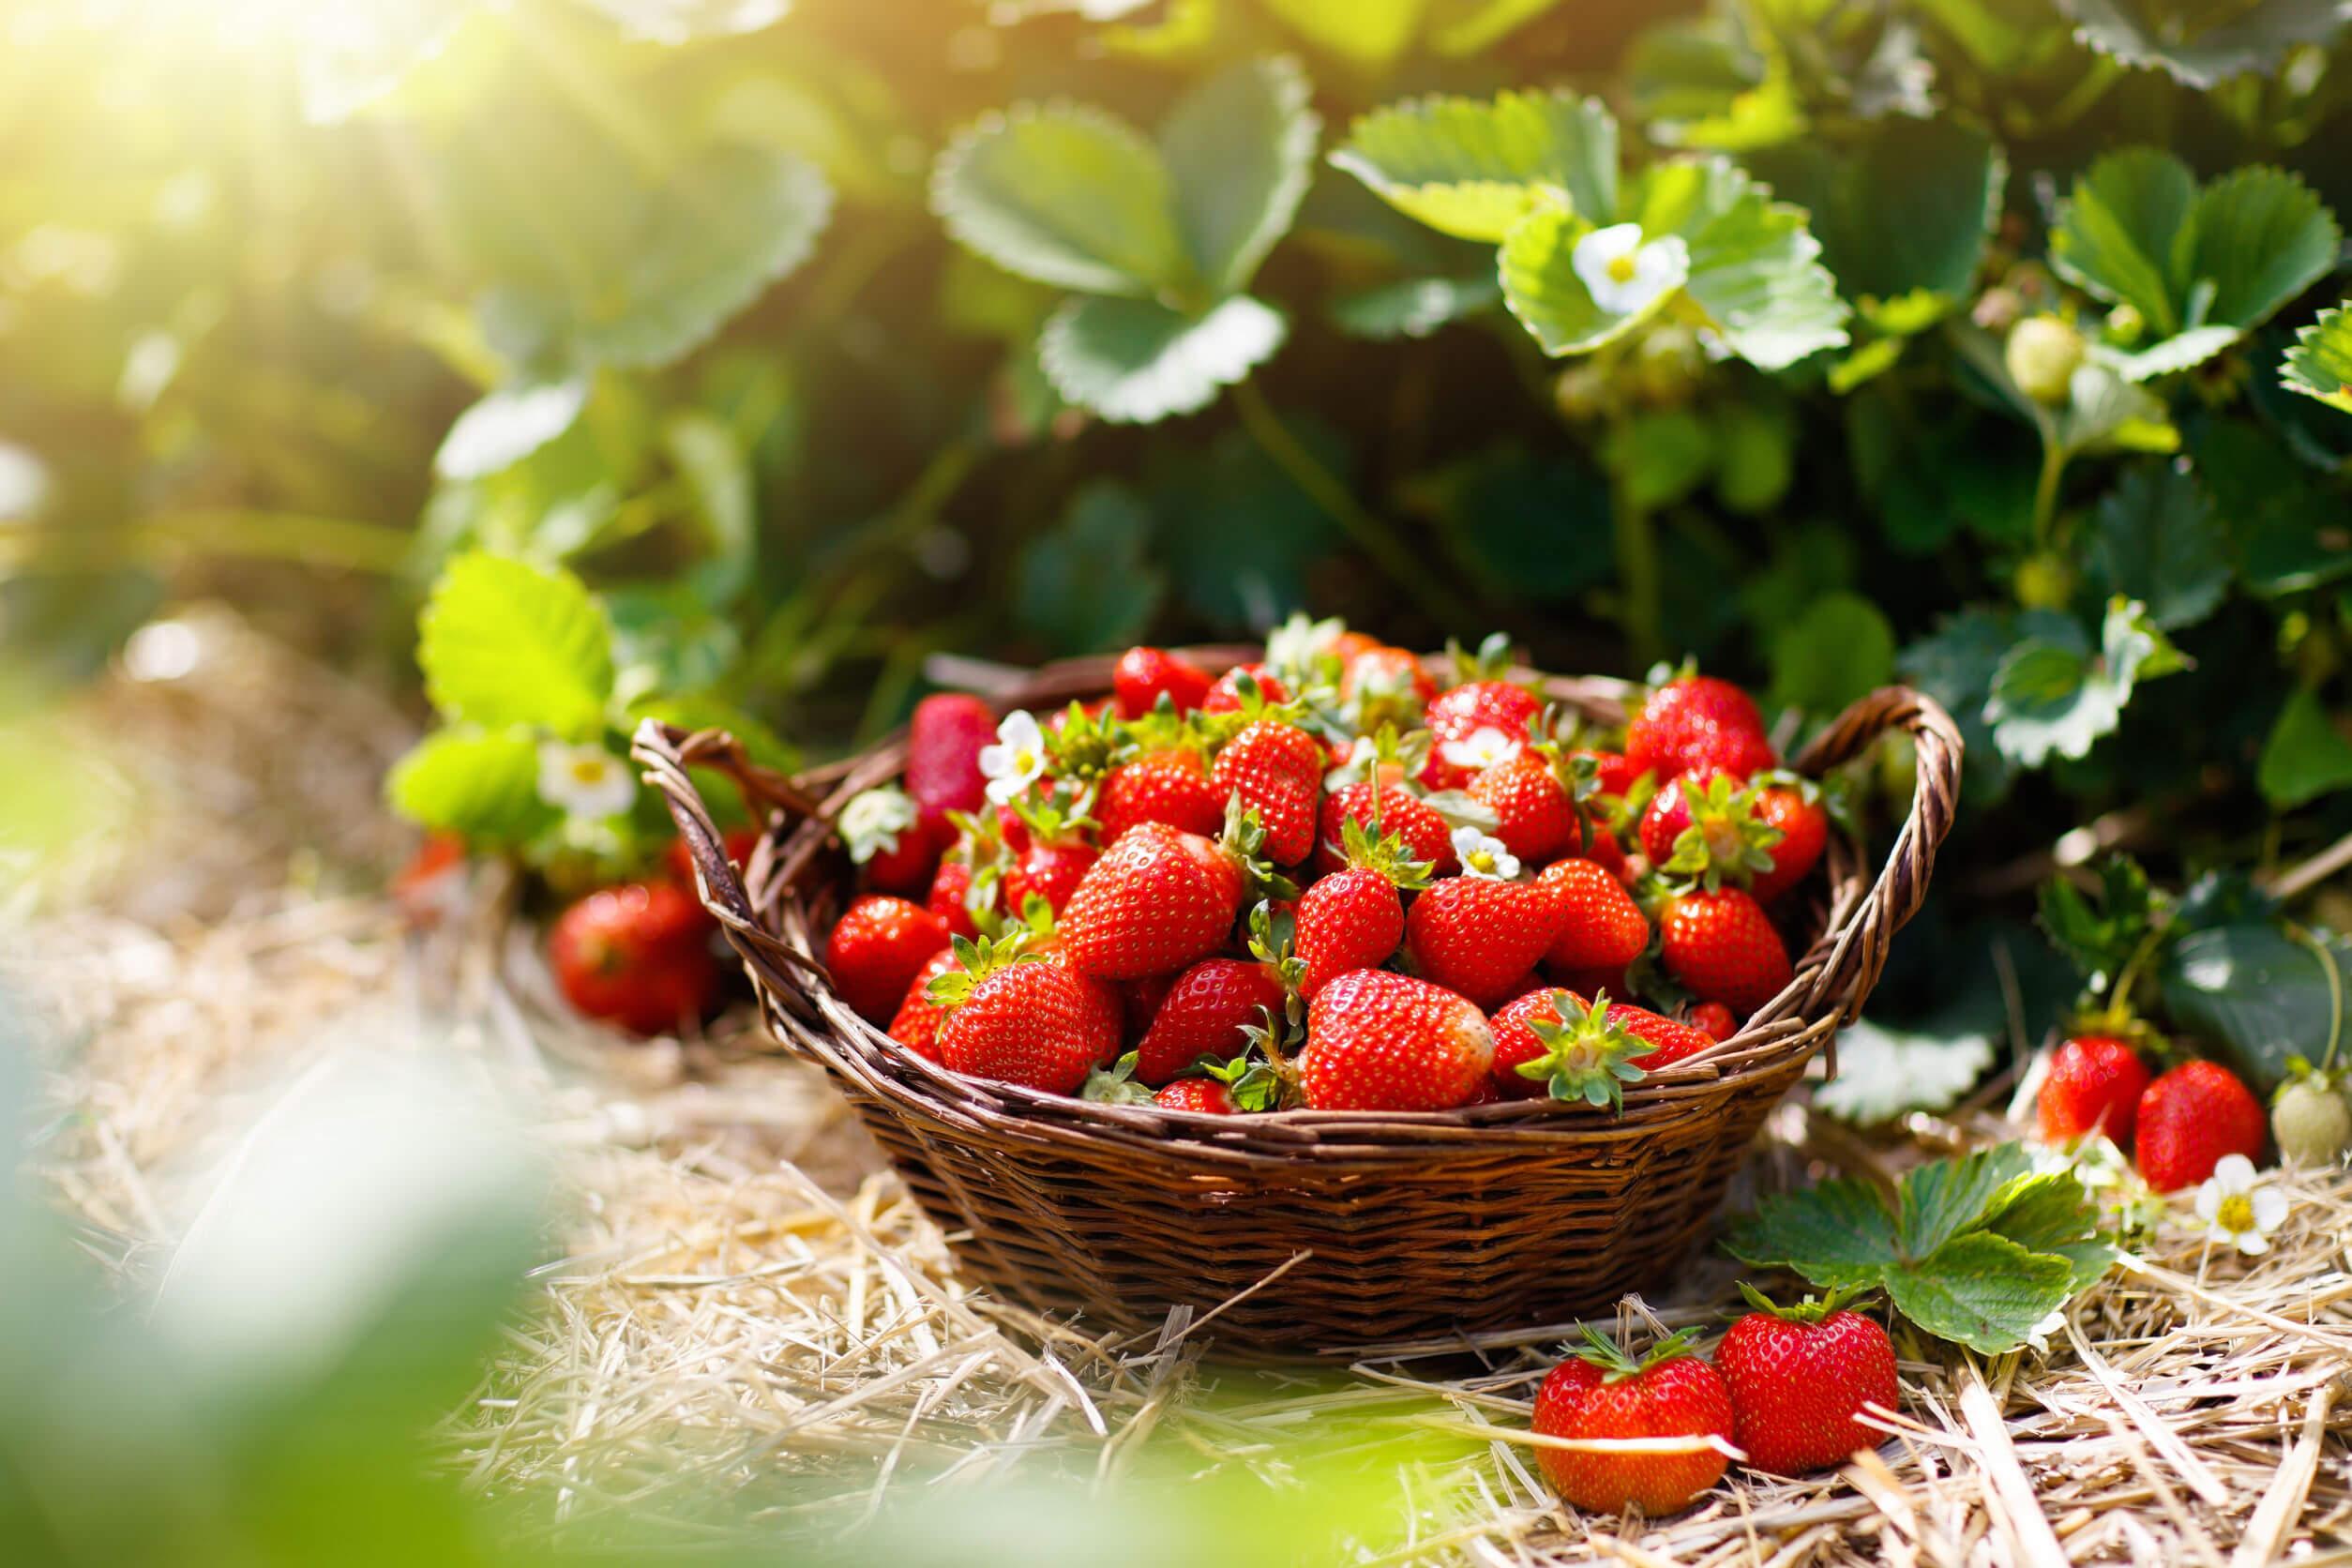 El consumo regular de fresas podría ser útil para cuidar a tu corazón.